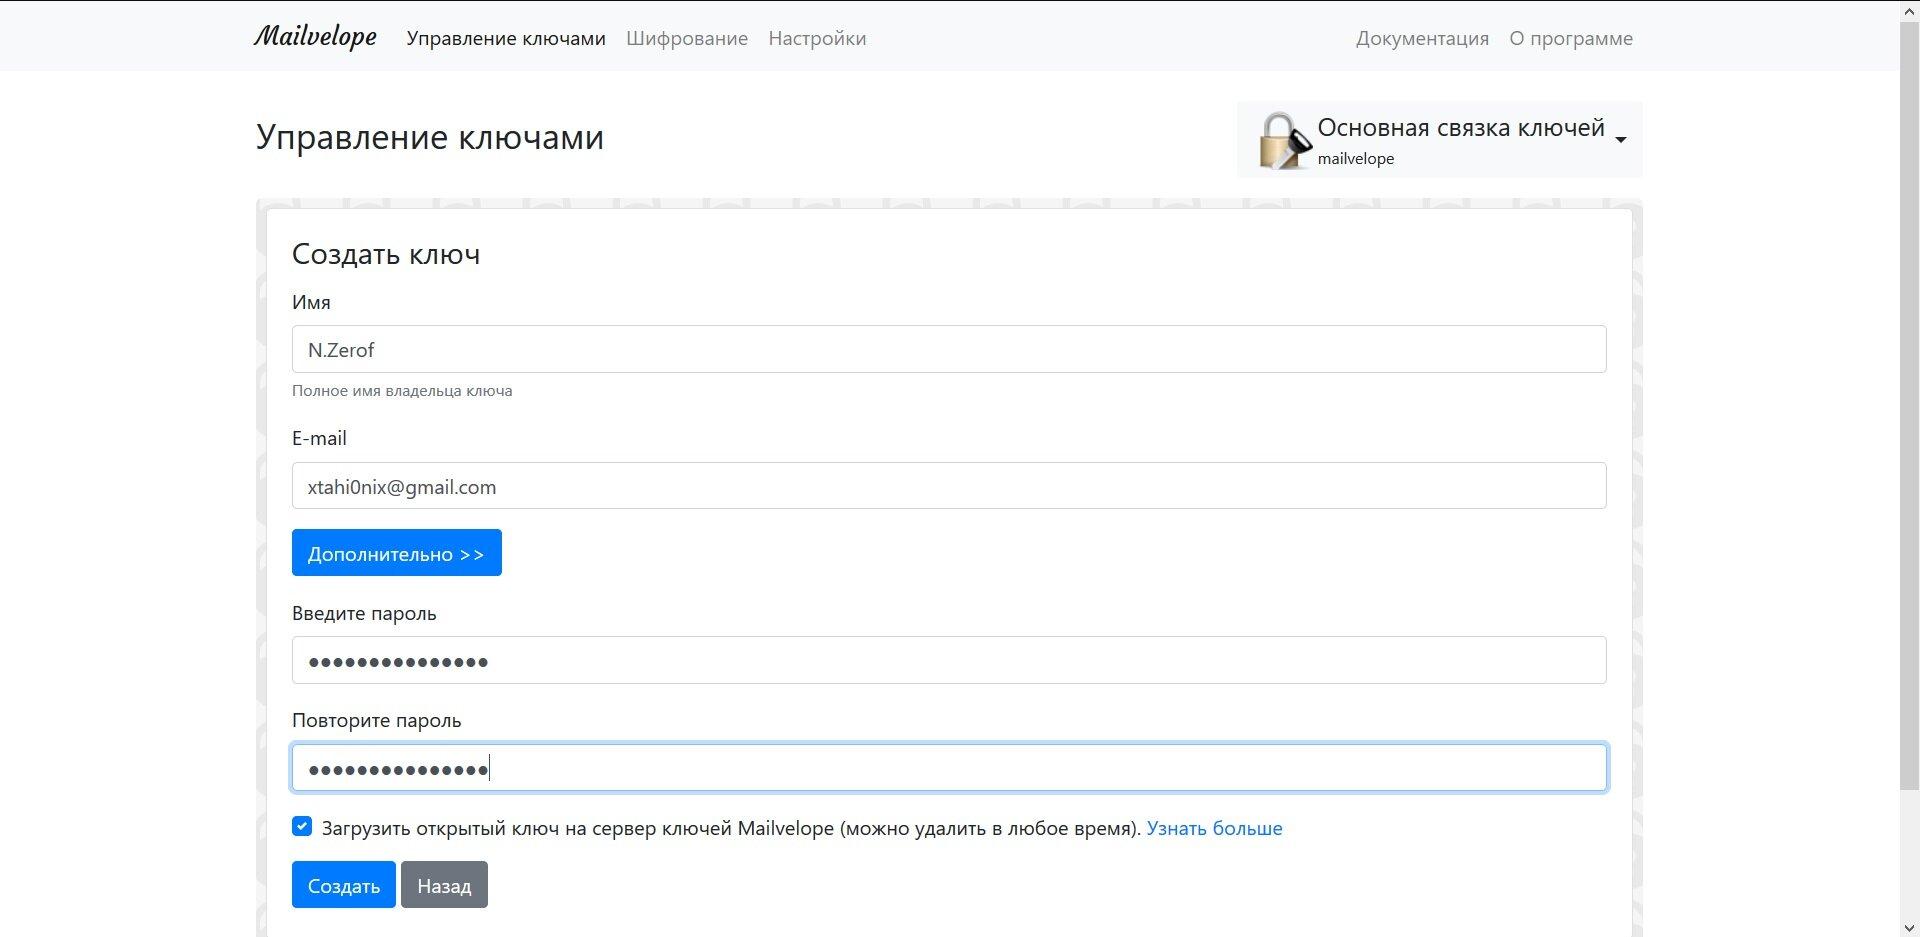 Управление ключами в Mailvelope